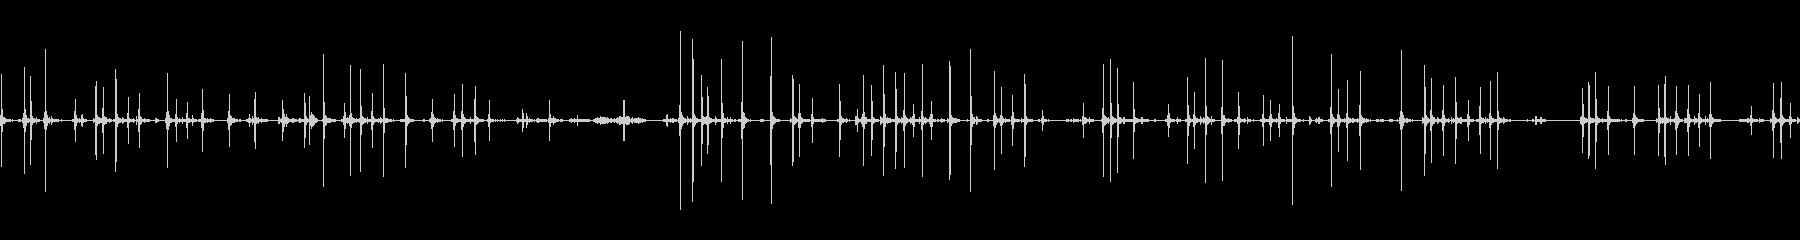 タイプライター古いアンティークeの未再生の波形